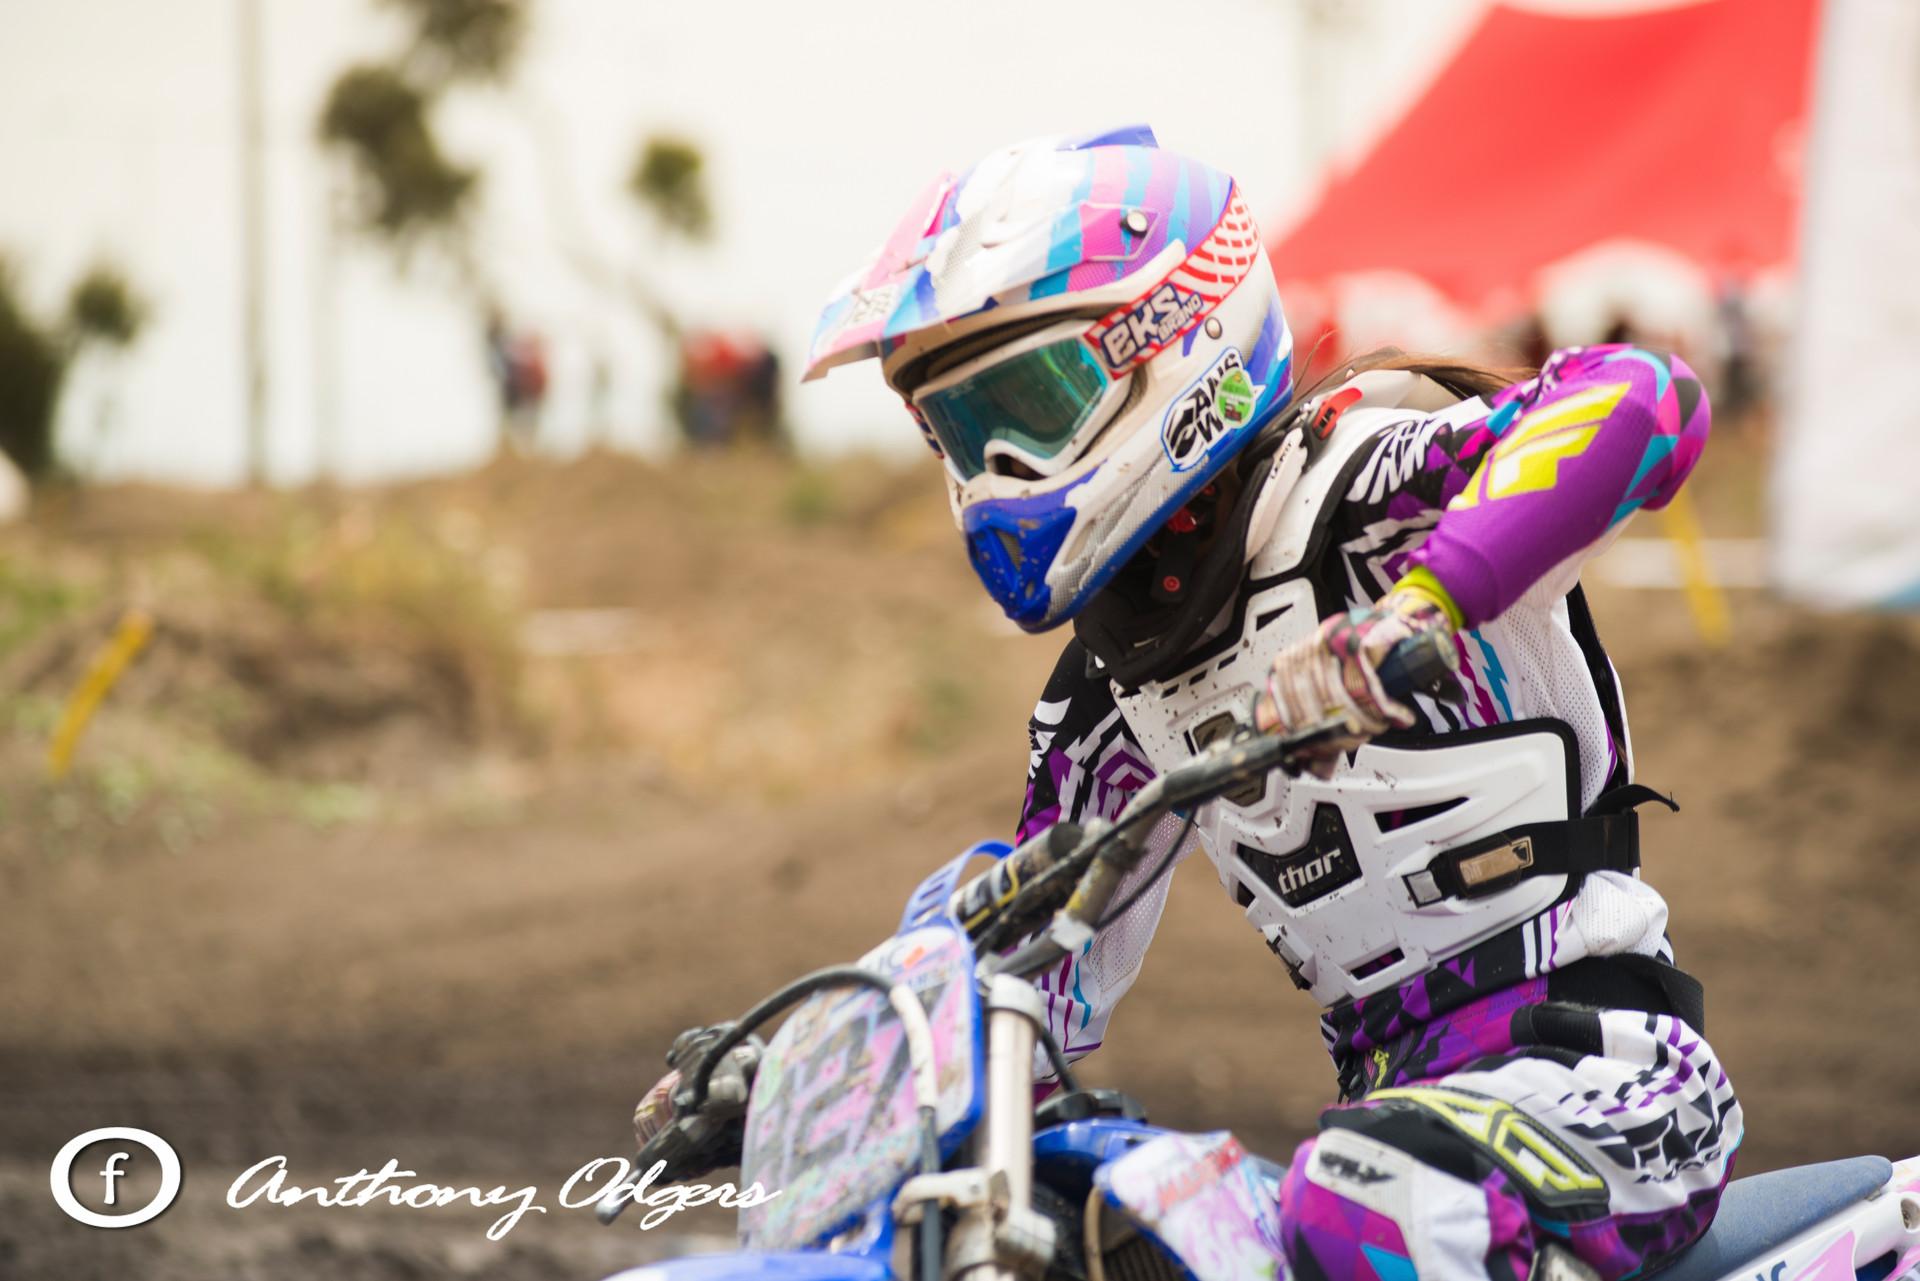 2013-01-06-Motocross Enduro-21.jpg